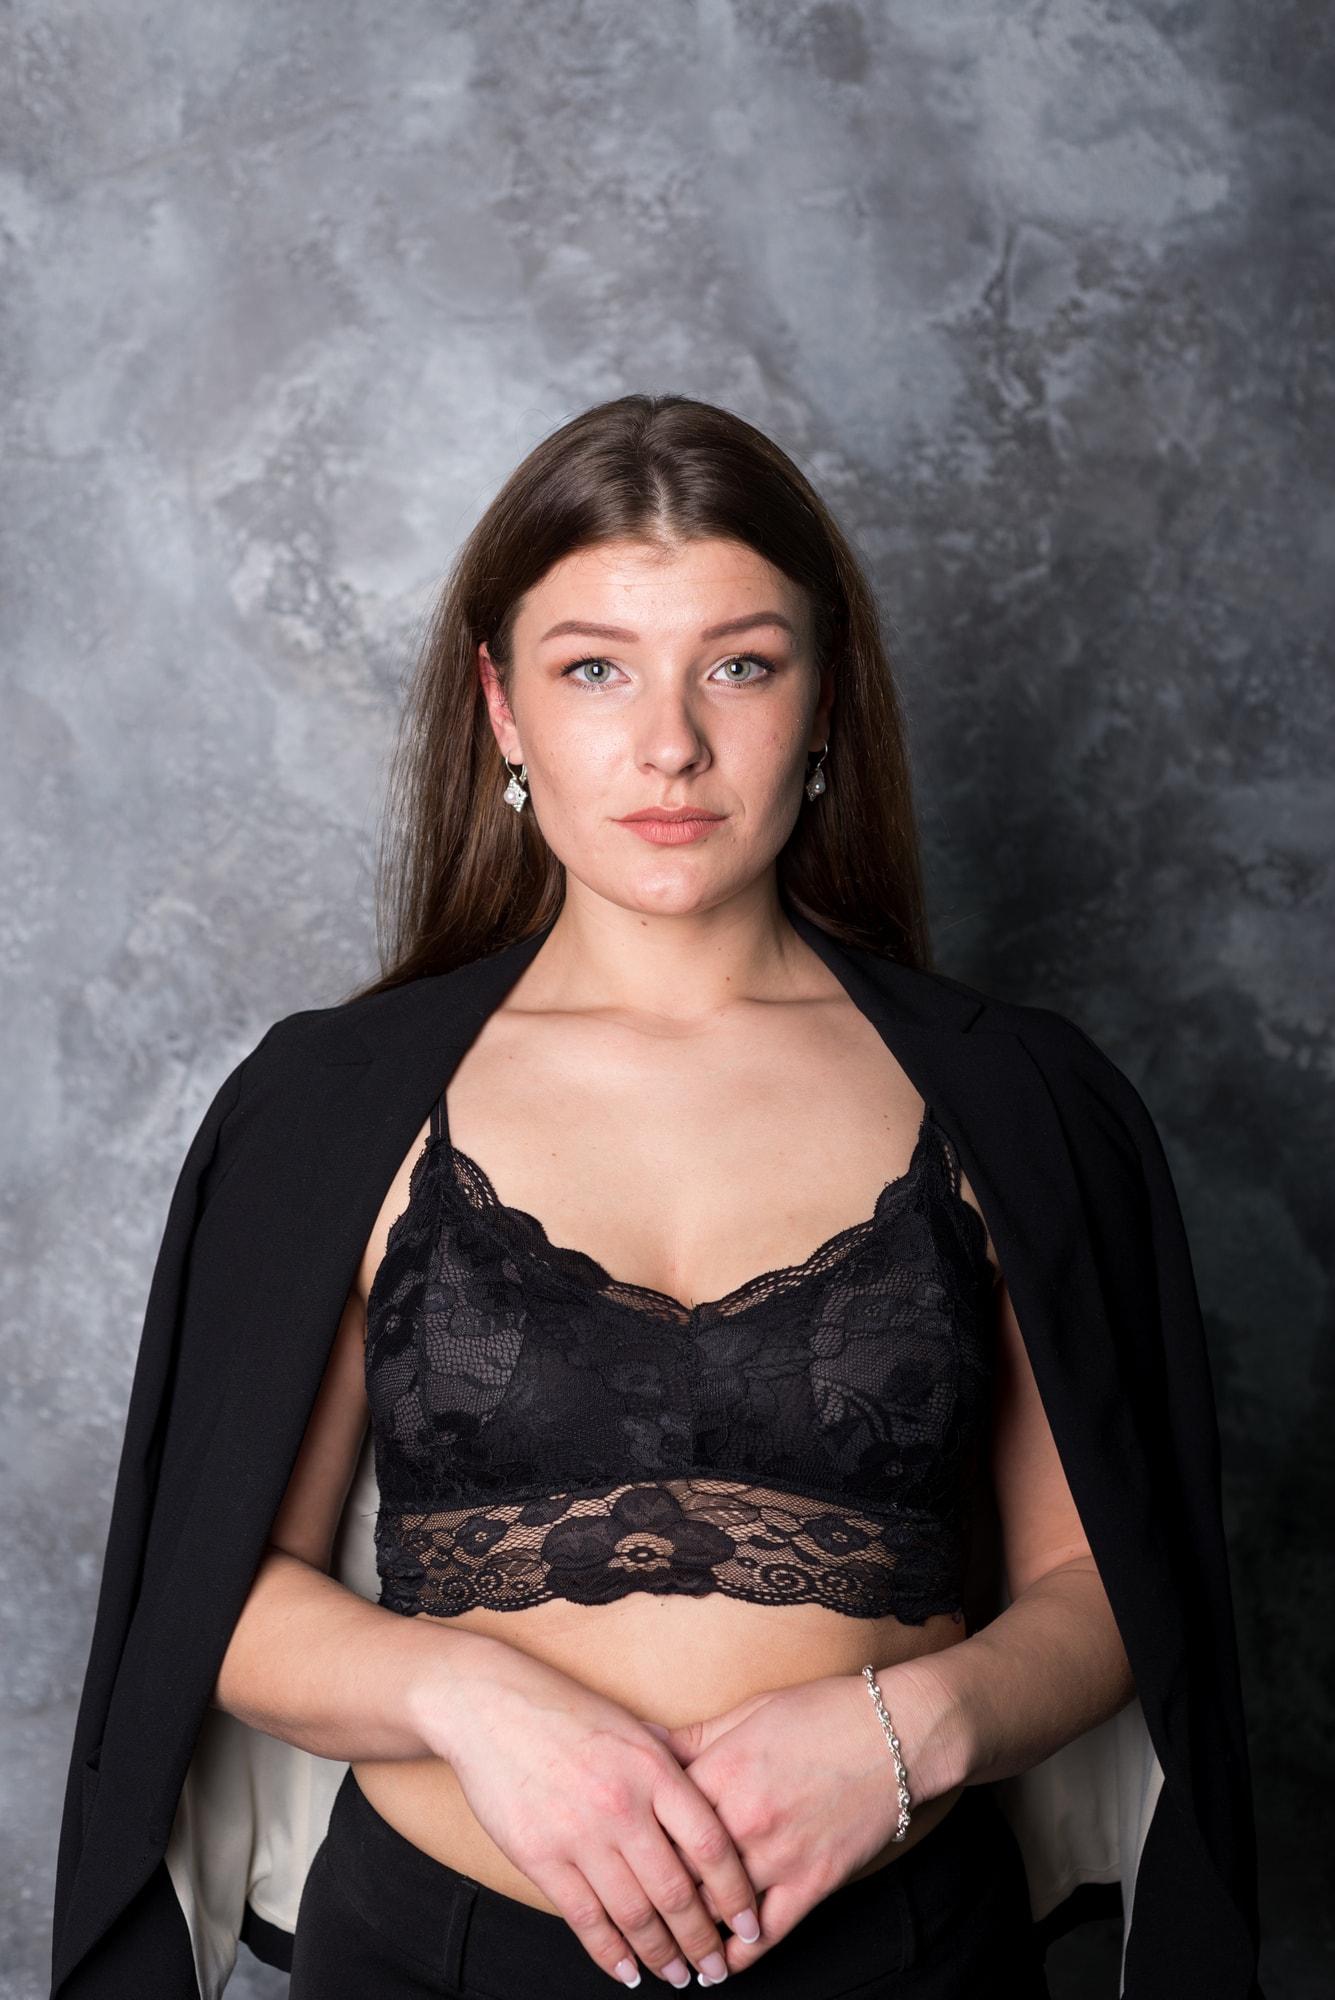 Фотосессия девушки Елены в фотостудии Amore